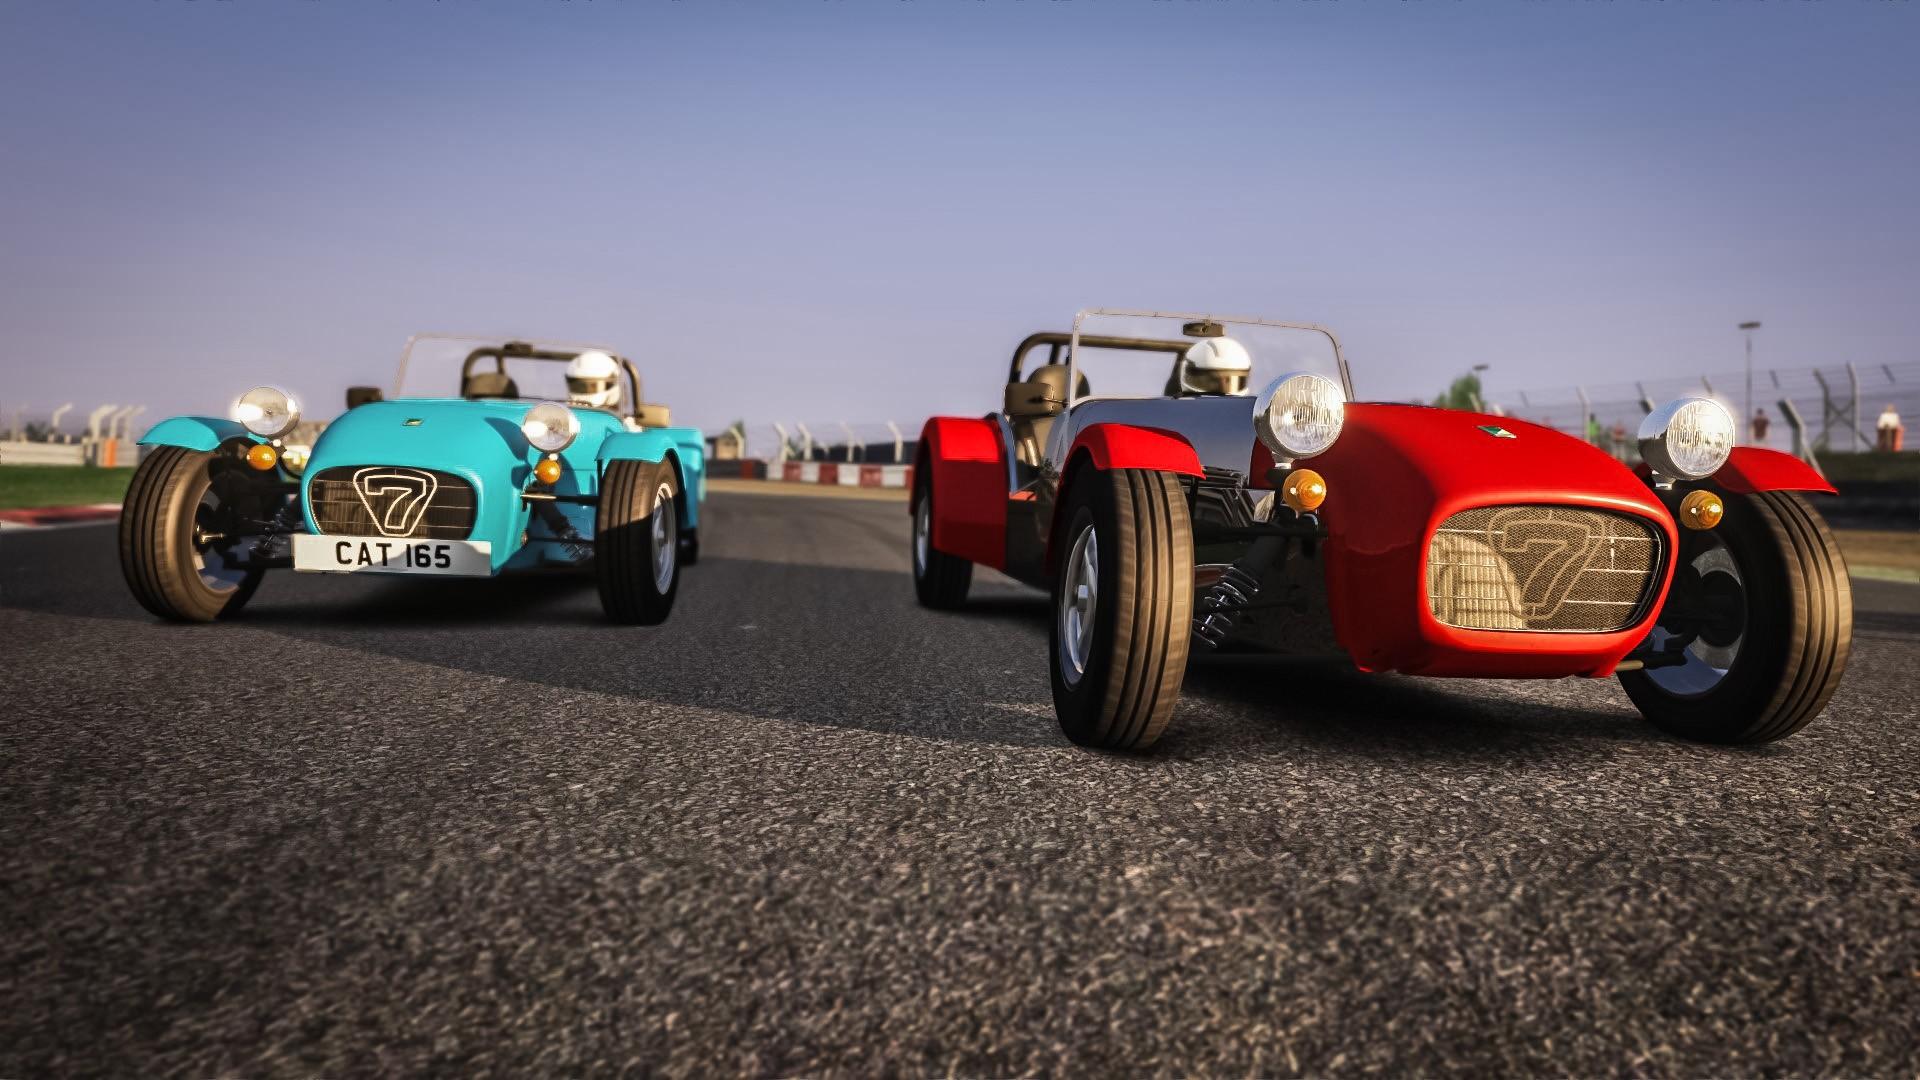 Assetto Corsa Caterham Seven 165